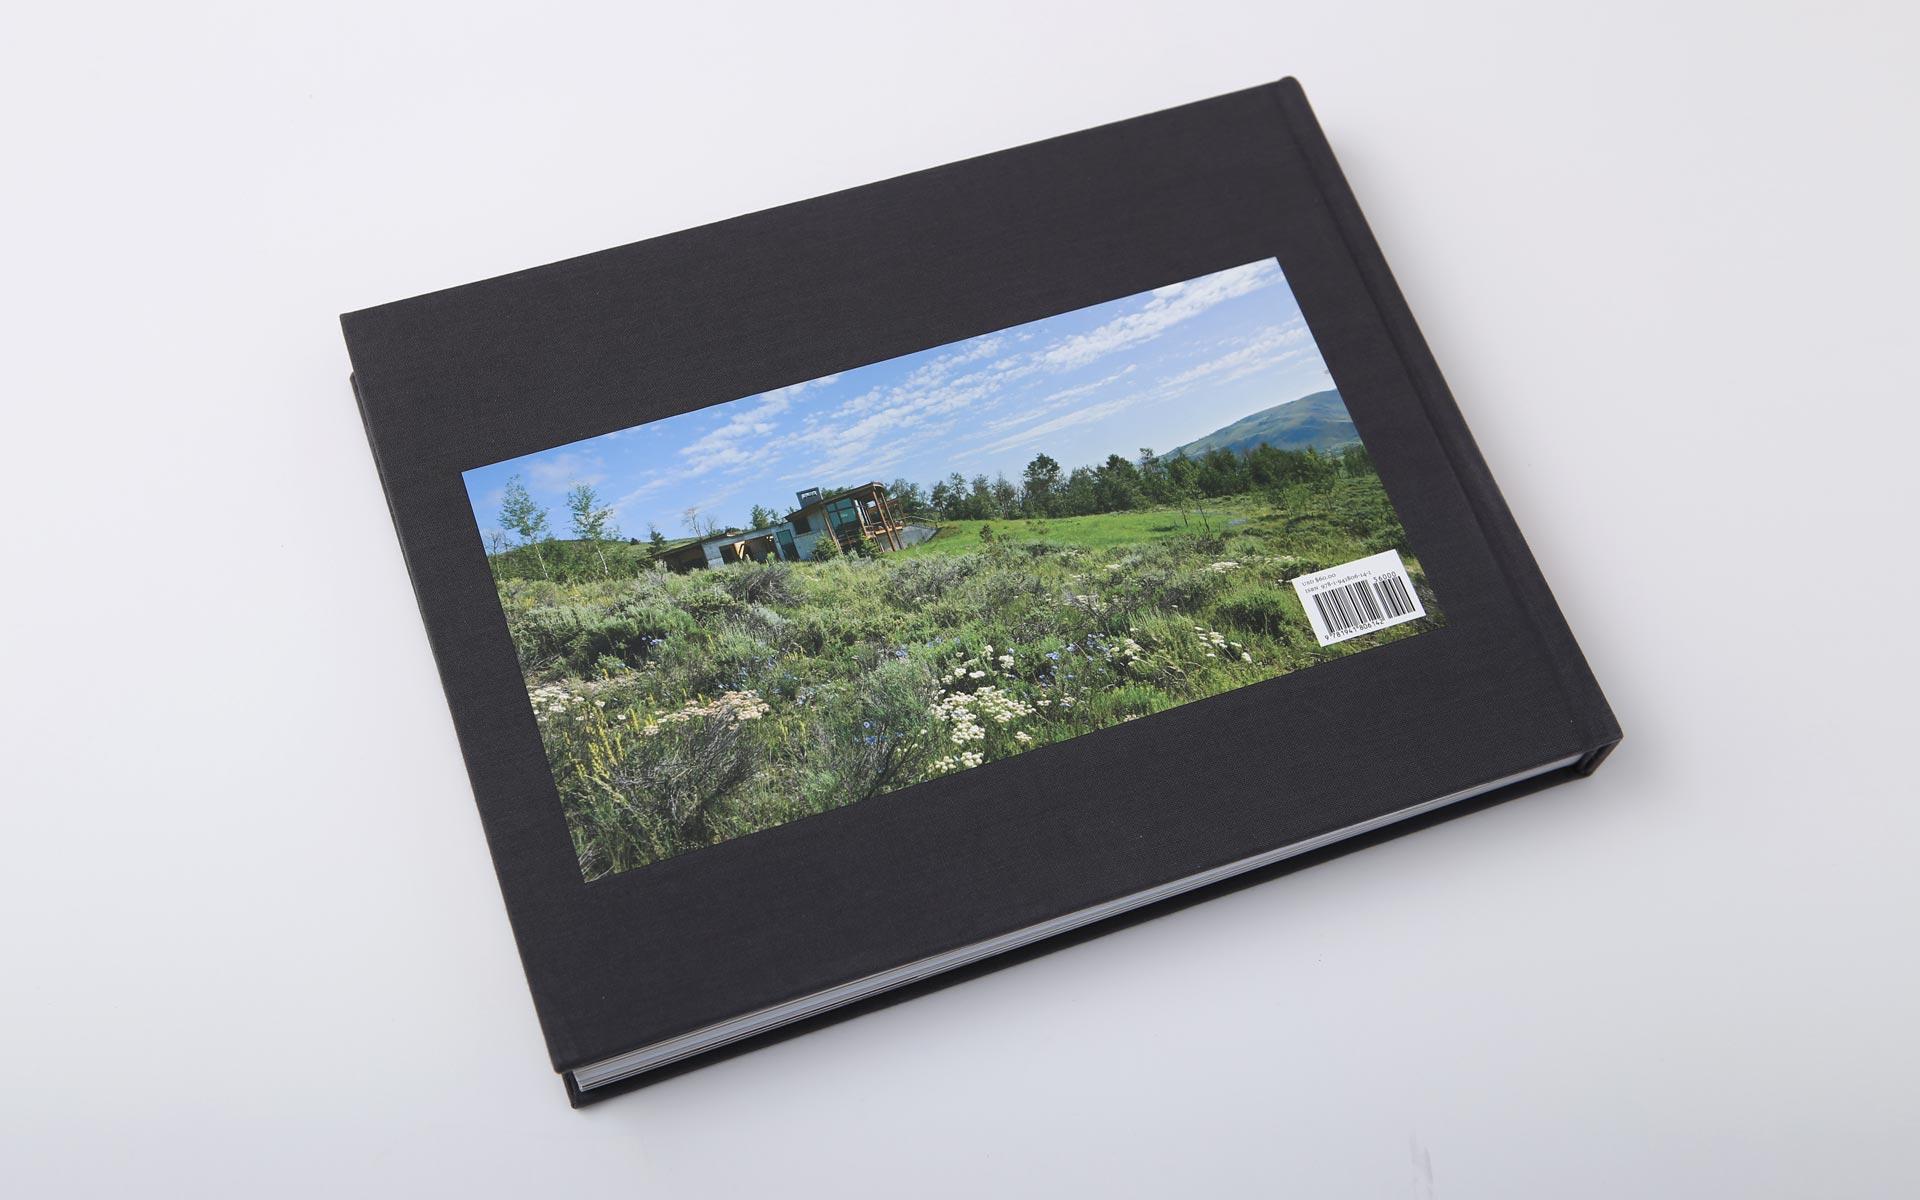 ward-blake-architects-book-design-2